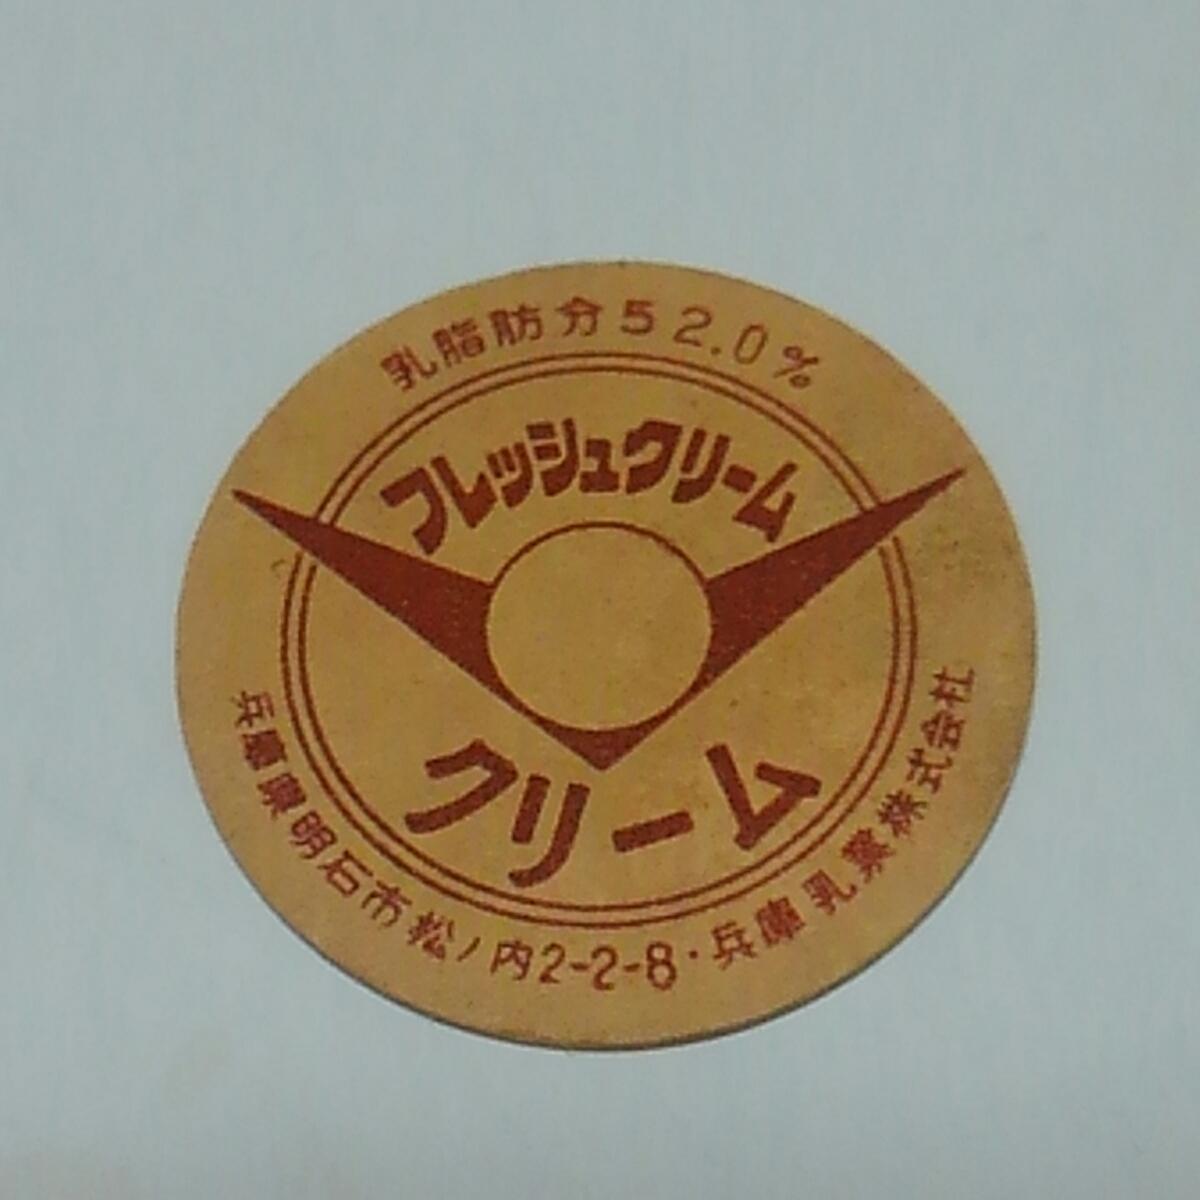 【牛乳キャップ】(裏難あり)約40年前 フレッシュクリーム① 未使用 兵庫県/兵庫乳業(株)